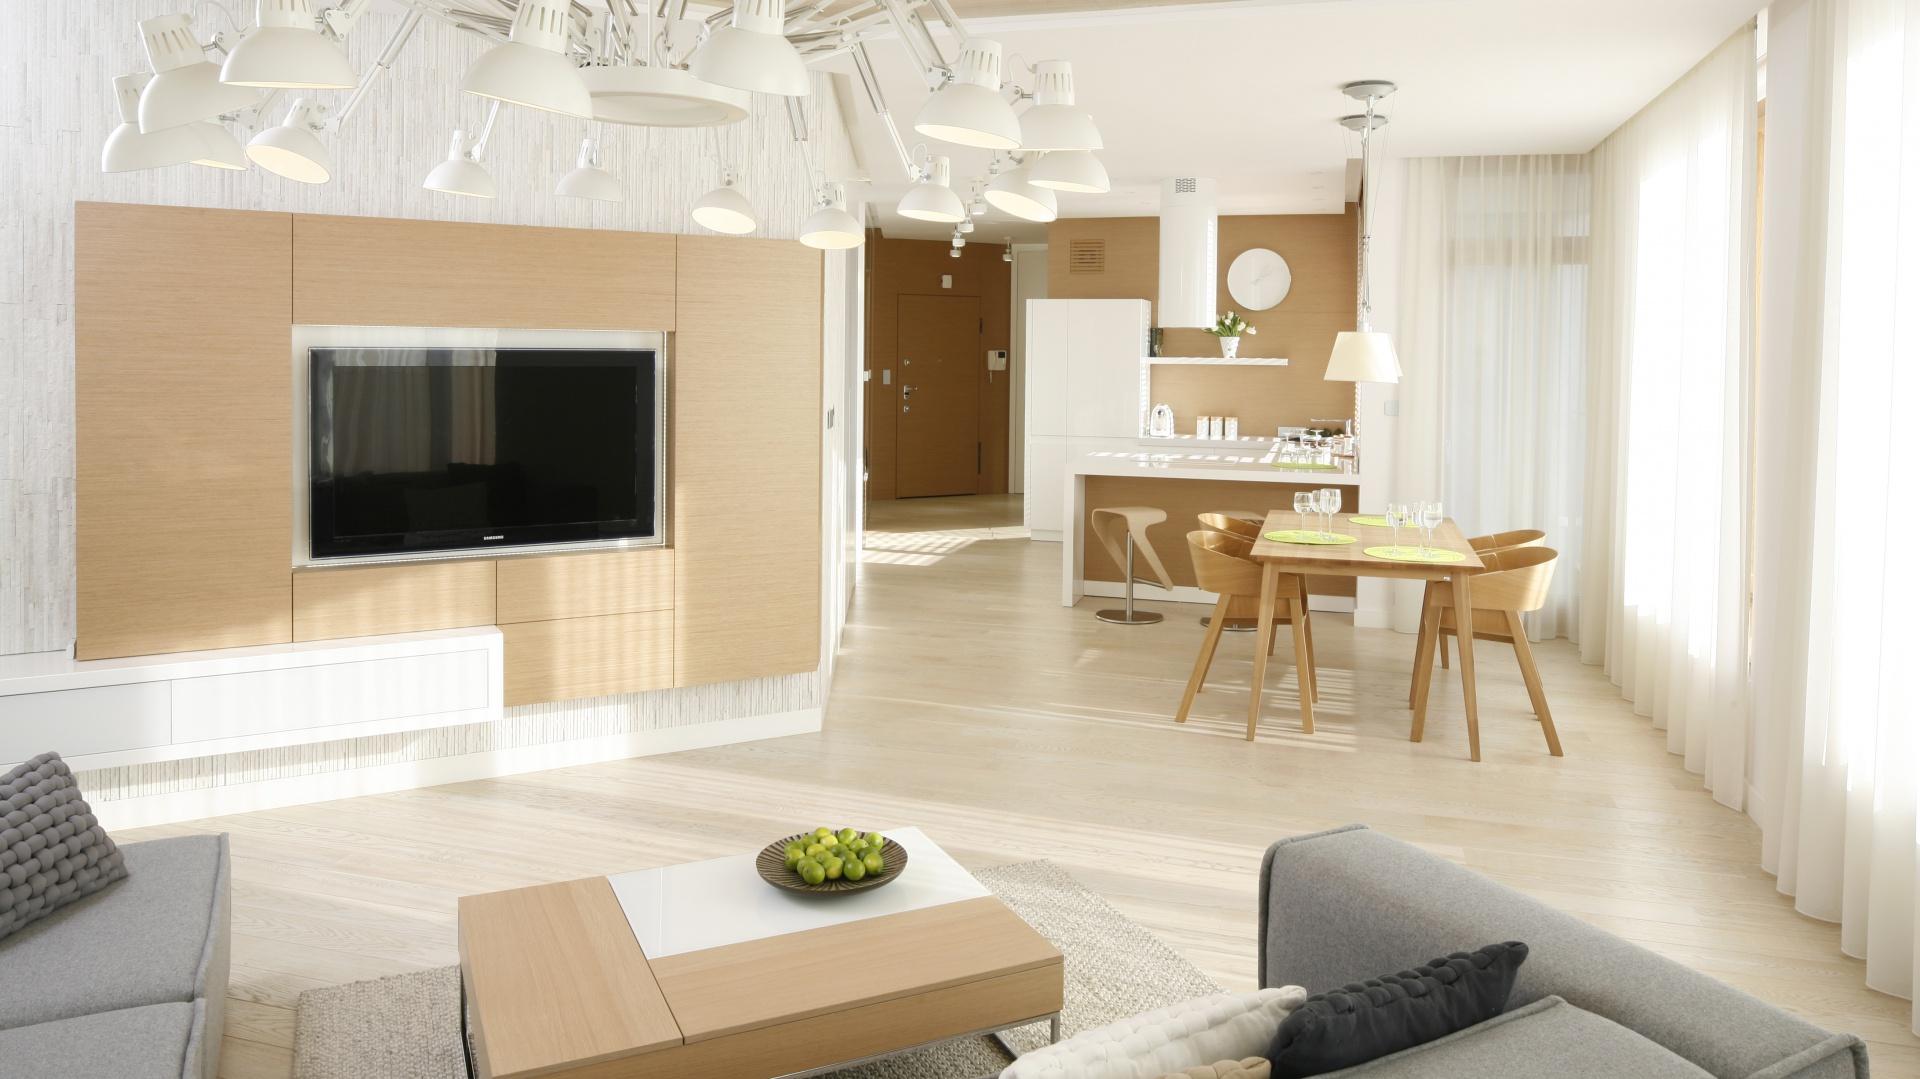 ciana z tv tworzy ciekawy ciana z tv zobacz 12 pomys w projektant w. Black Bedroom Furniture Sets. Home Design Ideas